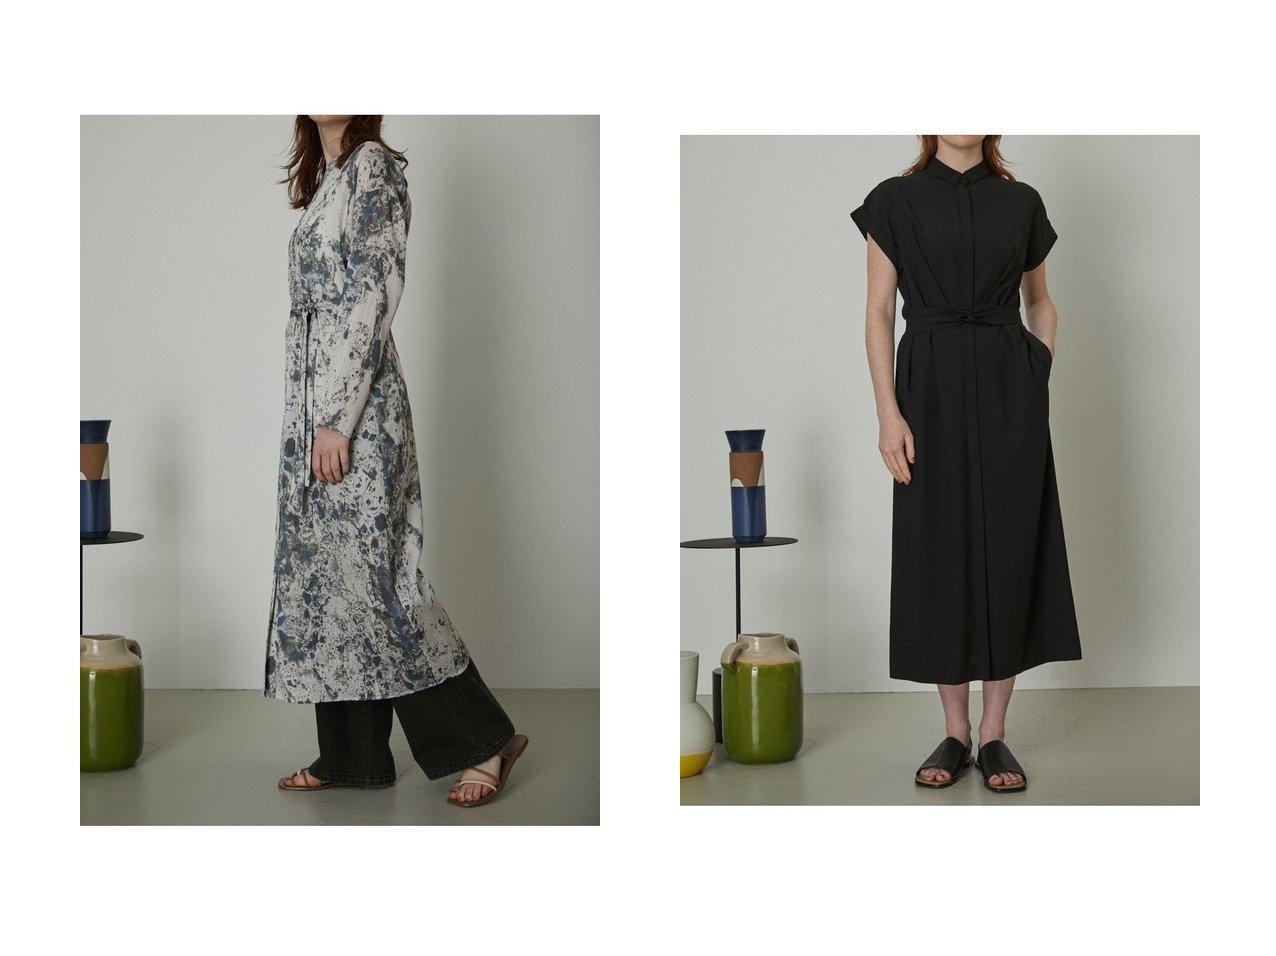 【RIM.ARK/リムアーク】のワンピース&ガウン 【トップス・カットソー】おすすめ!人気、トレンド・レディースファッションの通販 おすすめで人気の流行・トレンド、ファッションの通販商品 インテリア・家具・メンズファッション・キッズファッション・レディースファッション・服の通販 founy(ファニー) https://founy.com/ ファッション Fashion レディースファッション WOMEN トップス・カットソー Tops/Tshirt カーディガン Cardigans シャツ/ブラウス Shirts/Blouses ロング / Tシャツ T-Shirts カットソー Cut and Sewn ワンピース Dress カーディガン ガウン プリント おすすめ Recommend スマート タイプライター チェック ロング 無地  ID:crp329100000045259